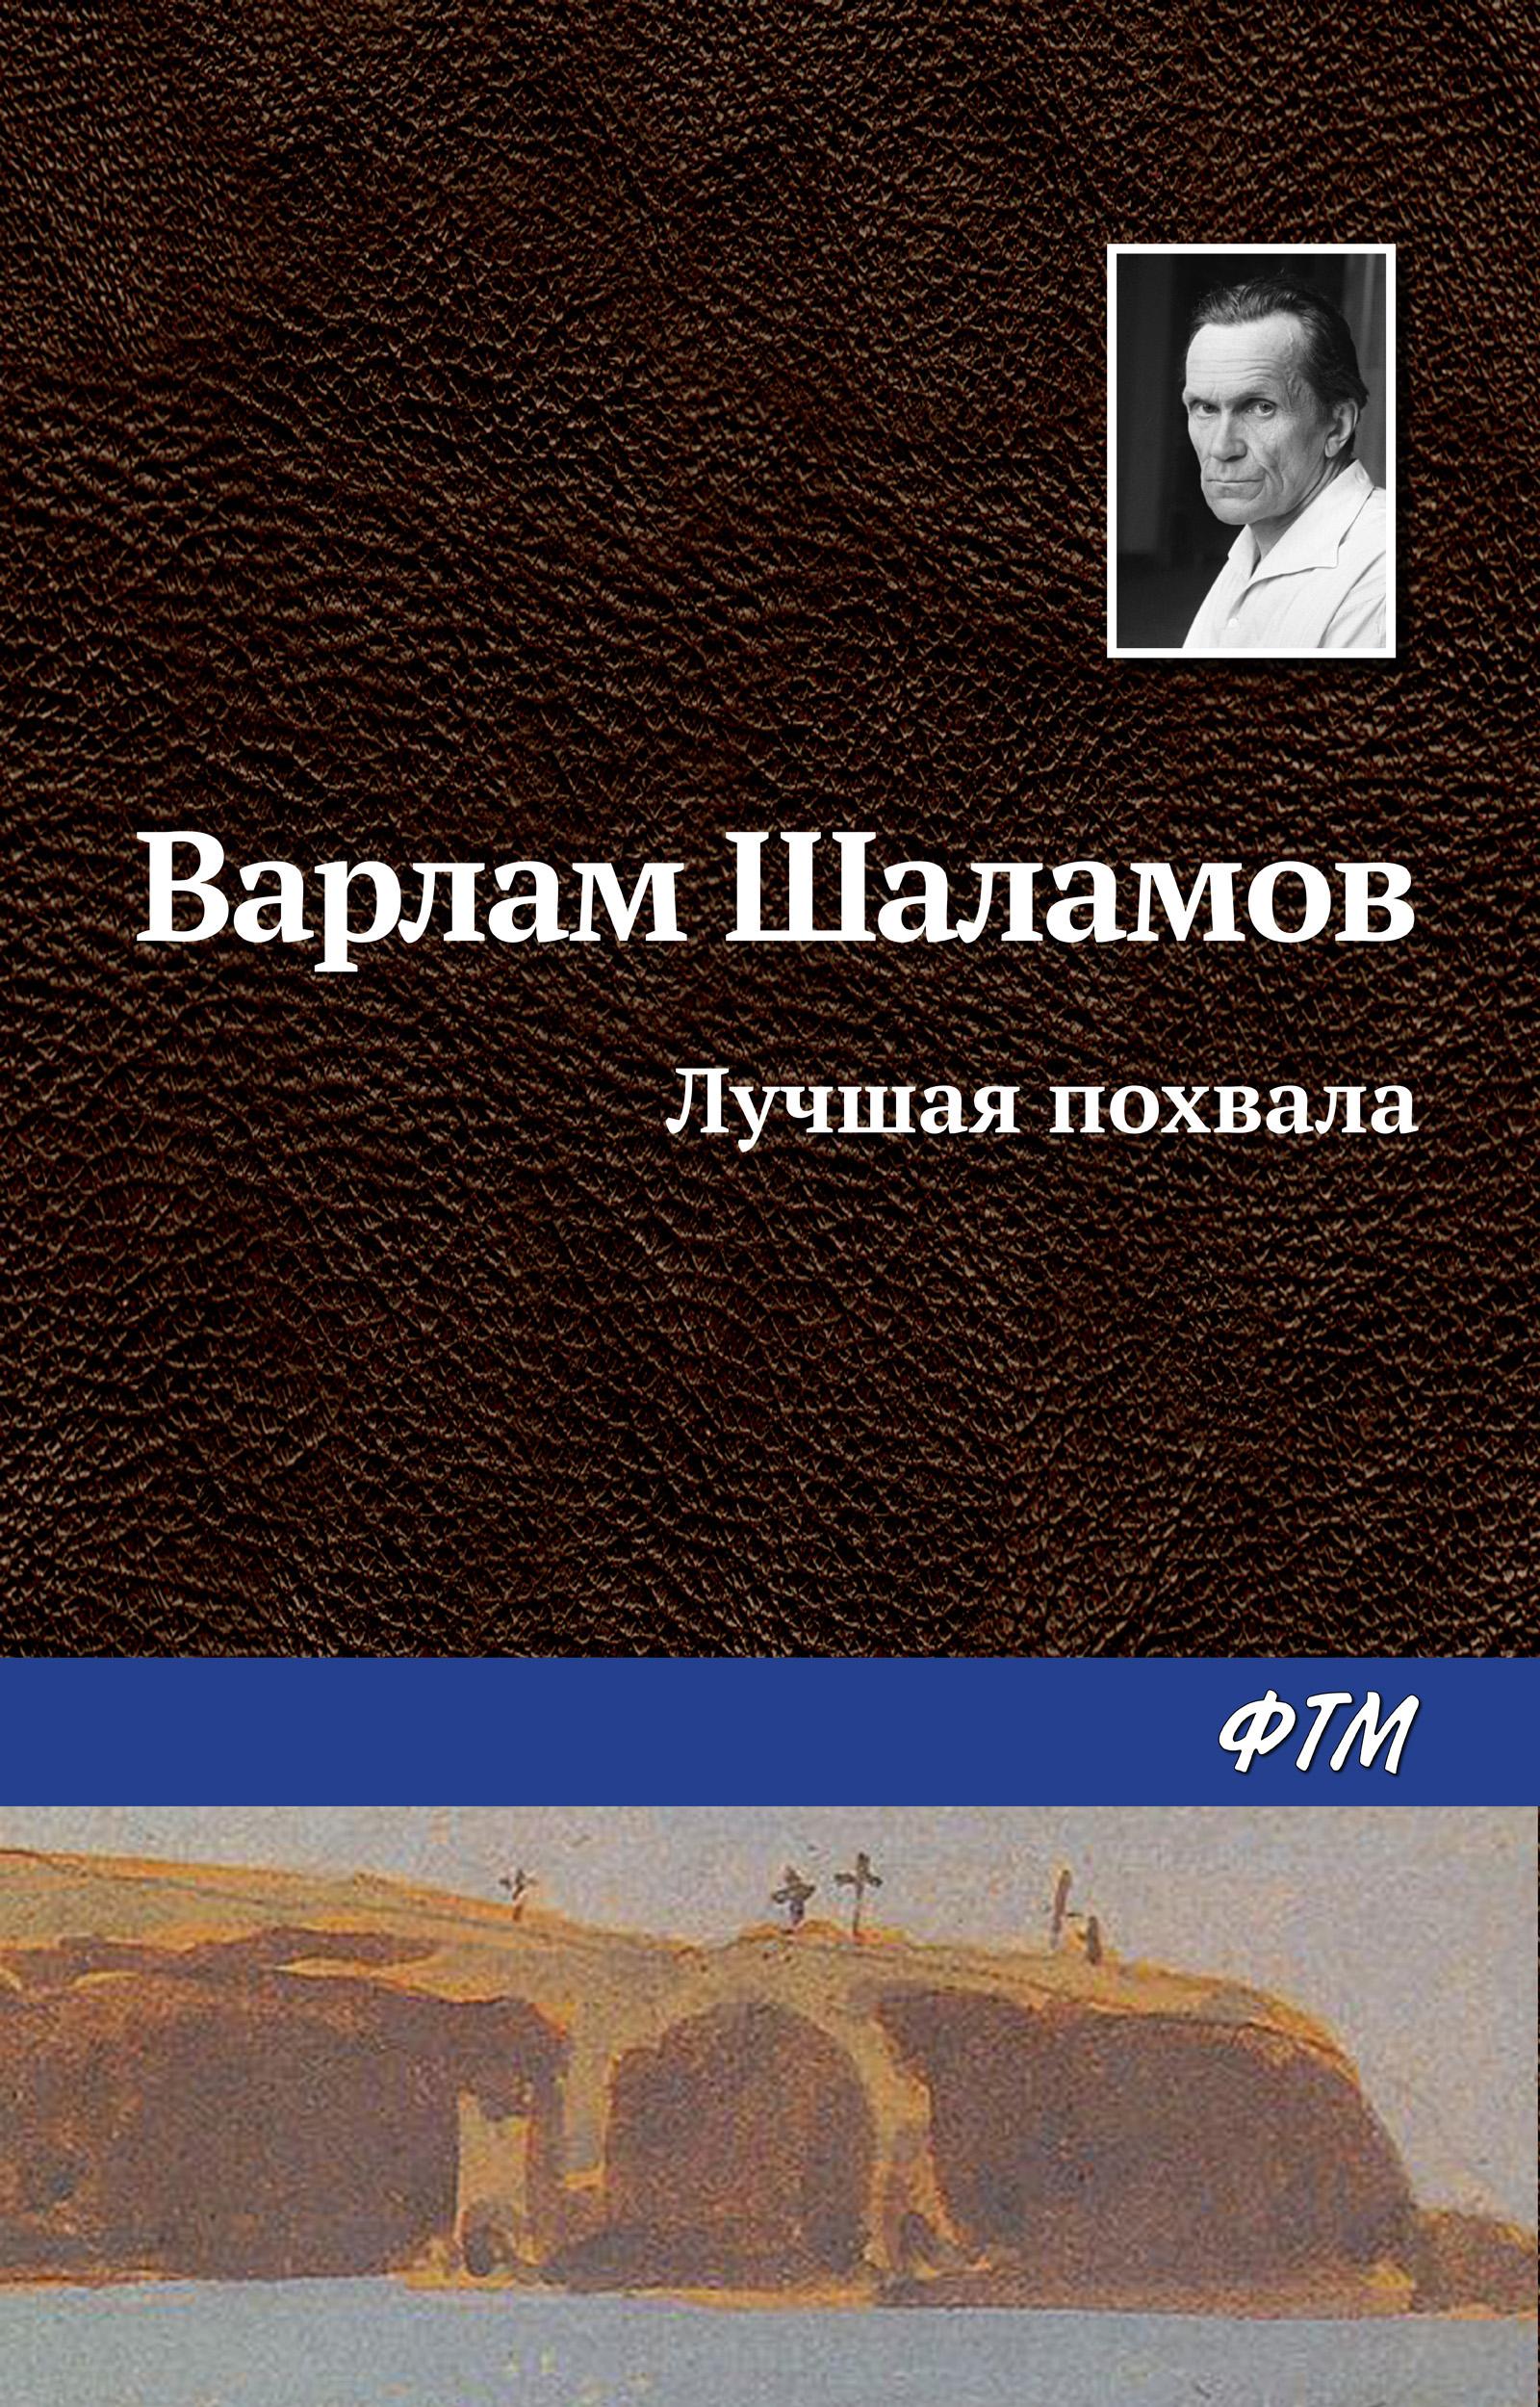 Варлам Шаламов Лучшая похвала л в жаравина у времени на дне эстетика и поэтика прозы варлама шаламова монография